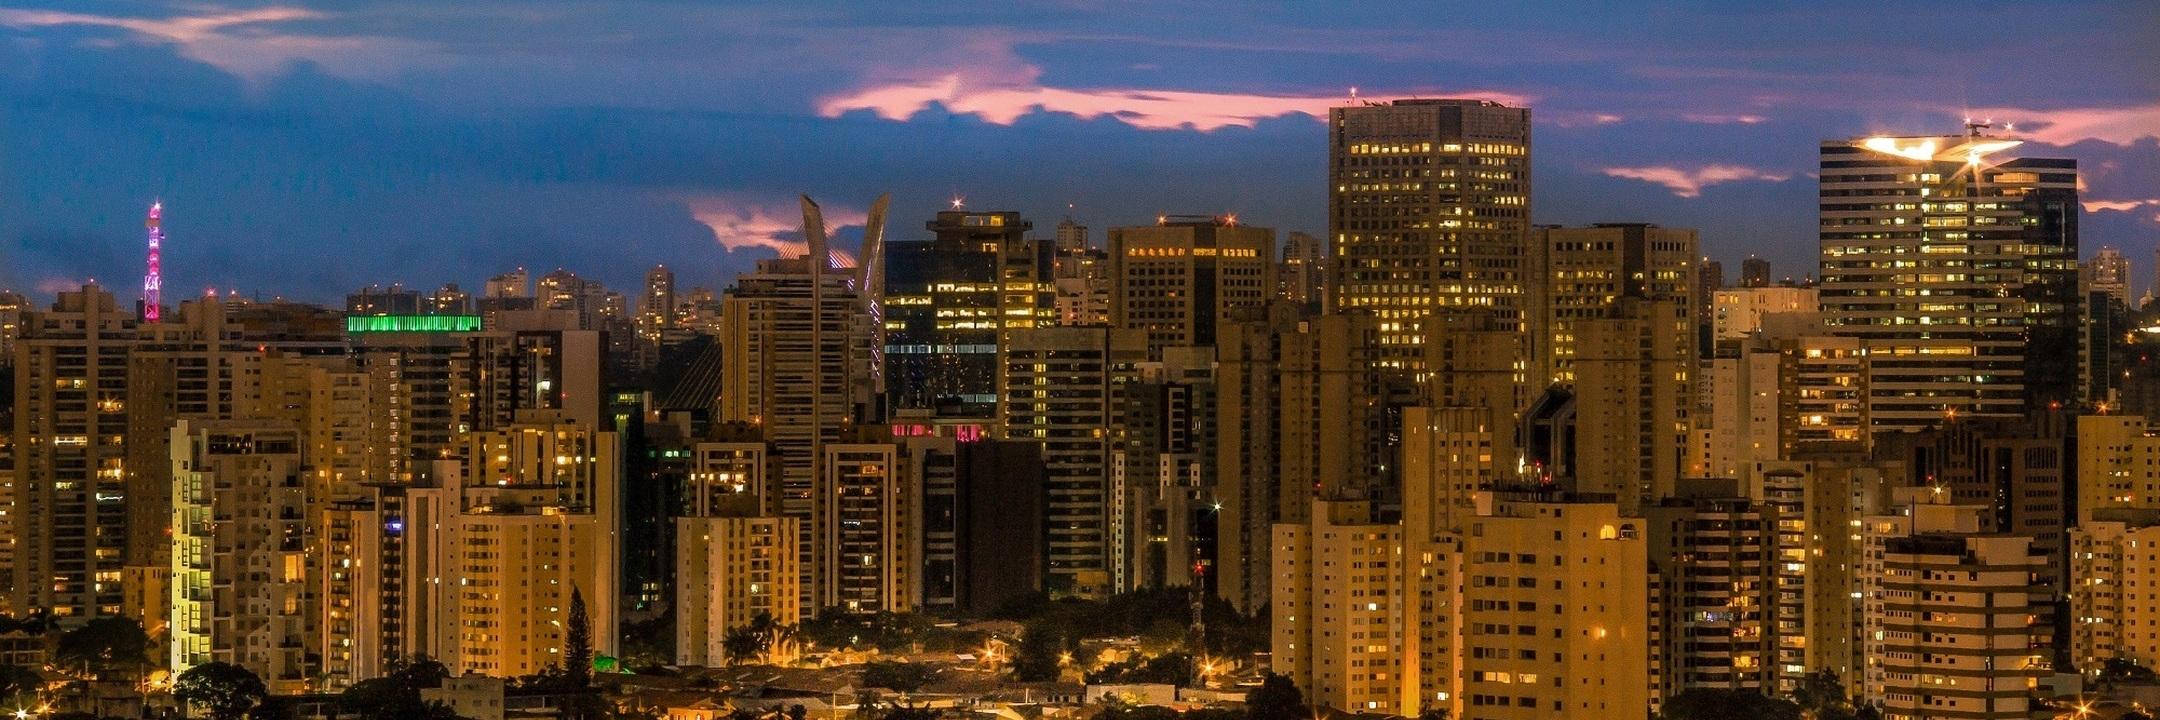 São Paulo, a metrópole multicultural